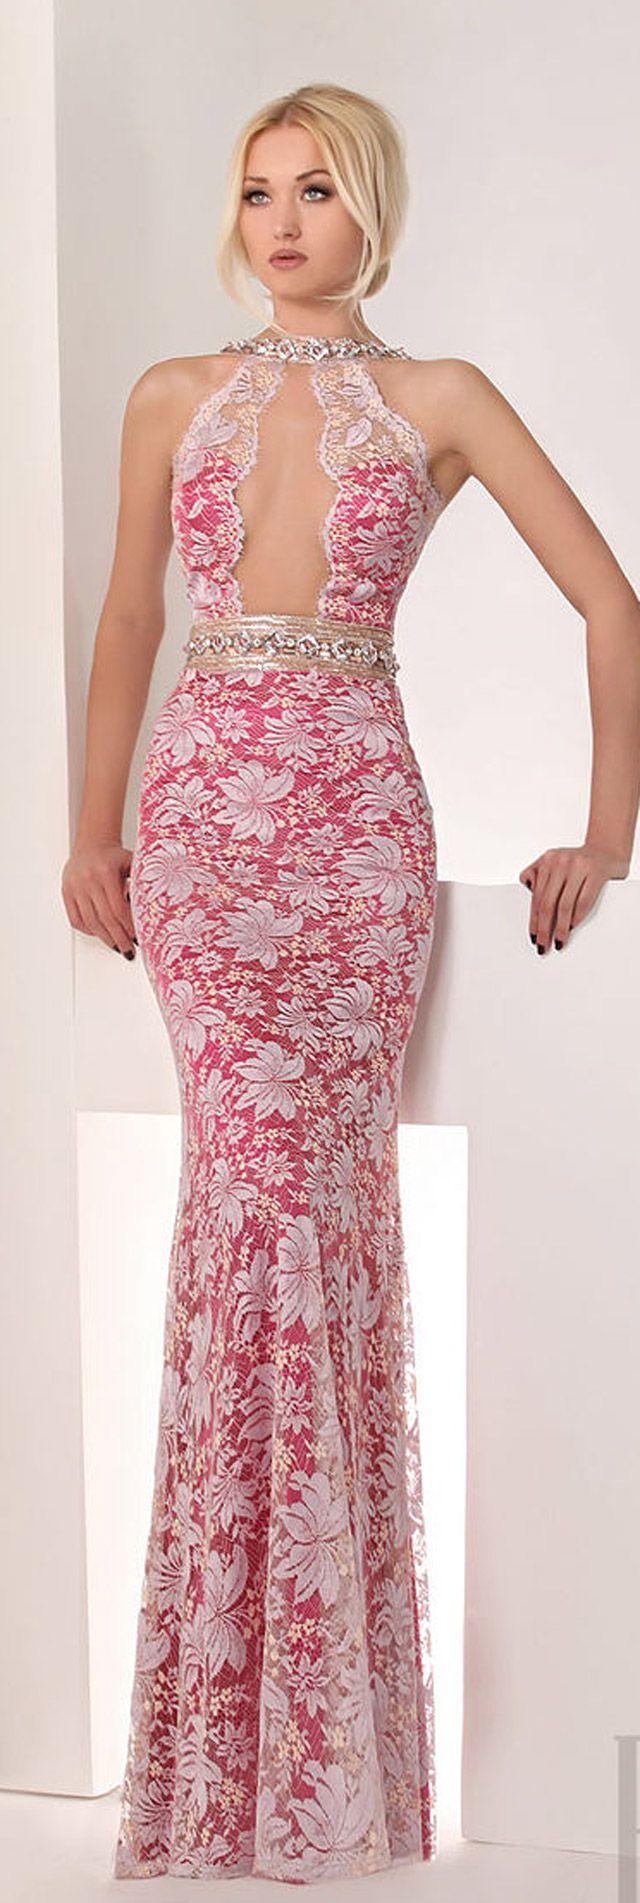 ROSITA....❤ | moda woow | Pinterest | Beautiful, Verano y Vestidos